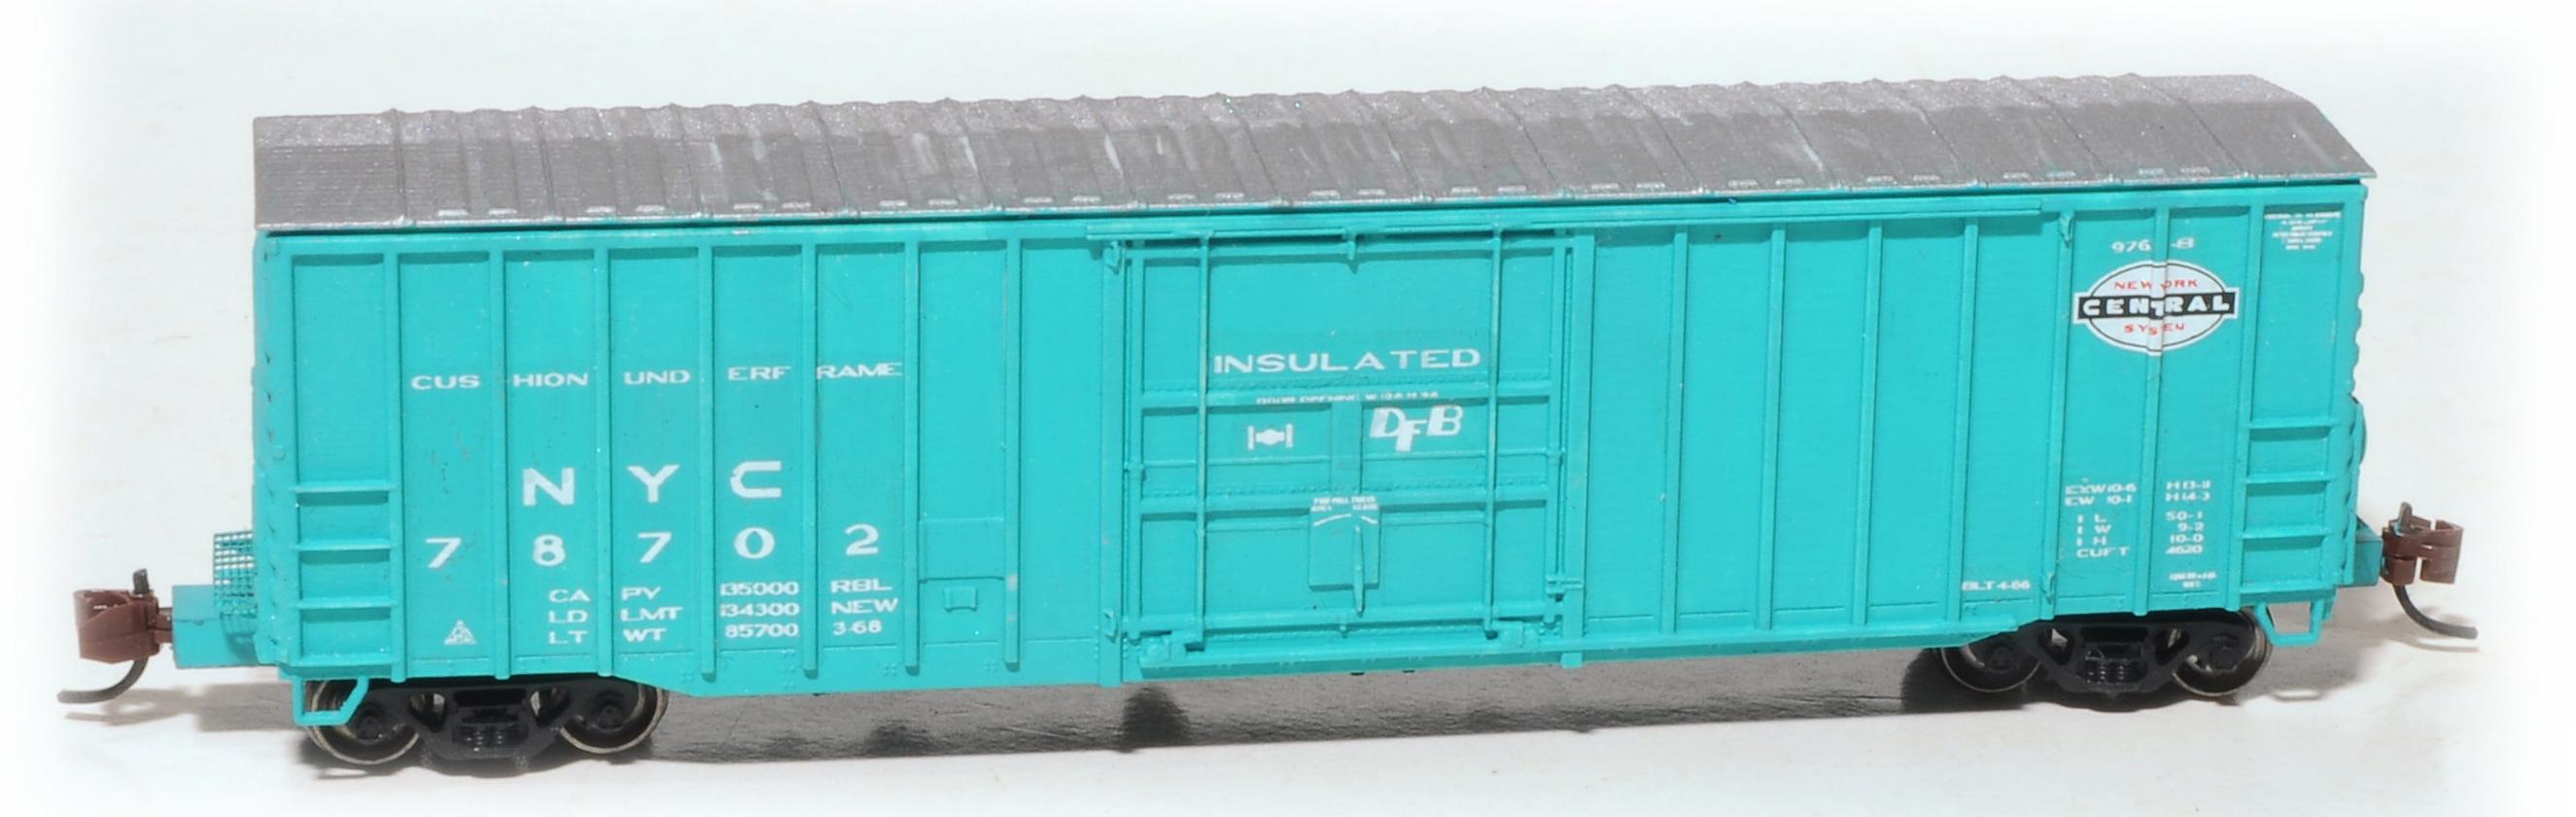 X-65 Boxcar N